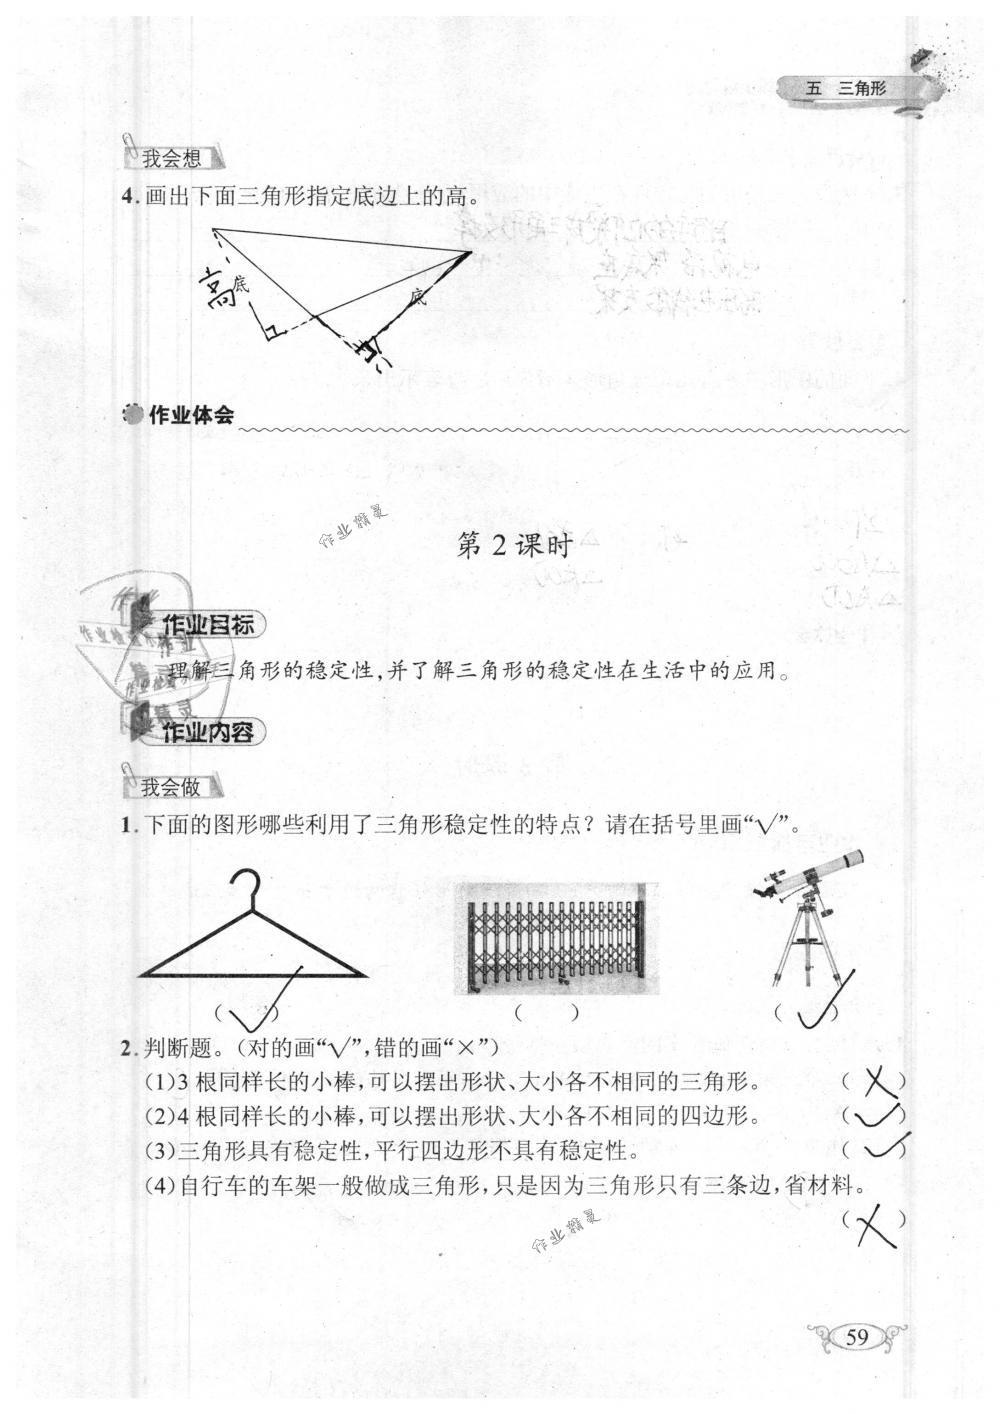 2019年长江作业本同步练习册四年级数学下册人教版参考答案第59页